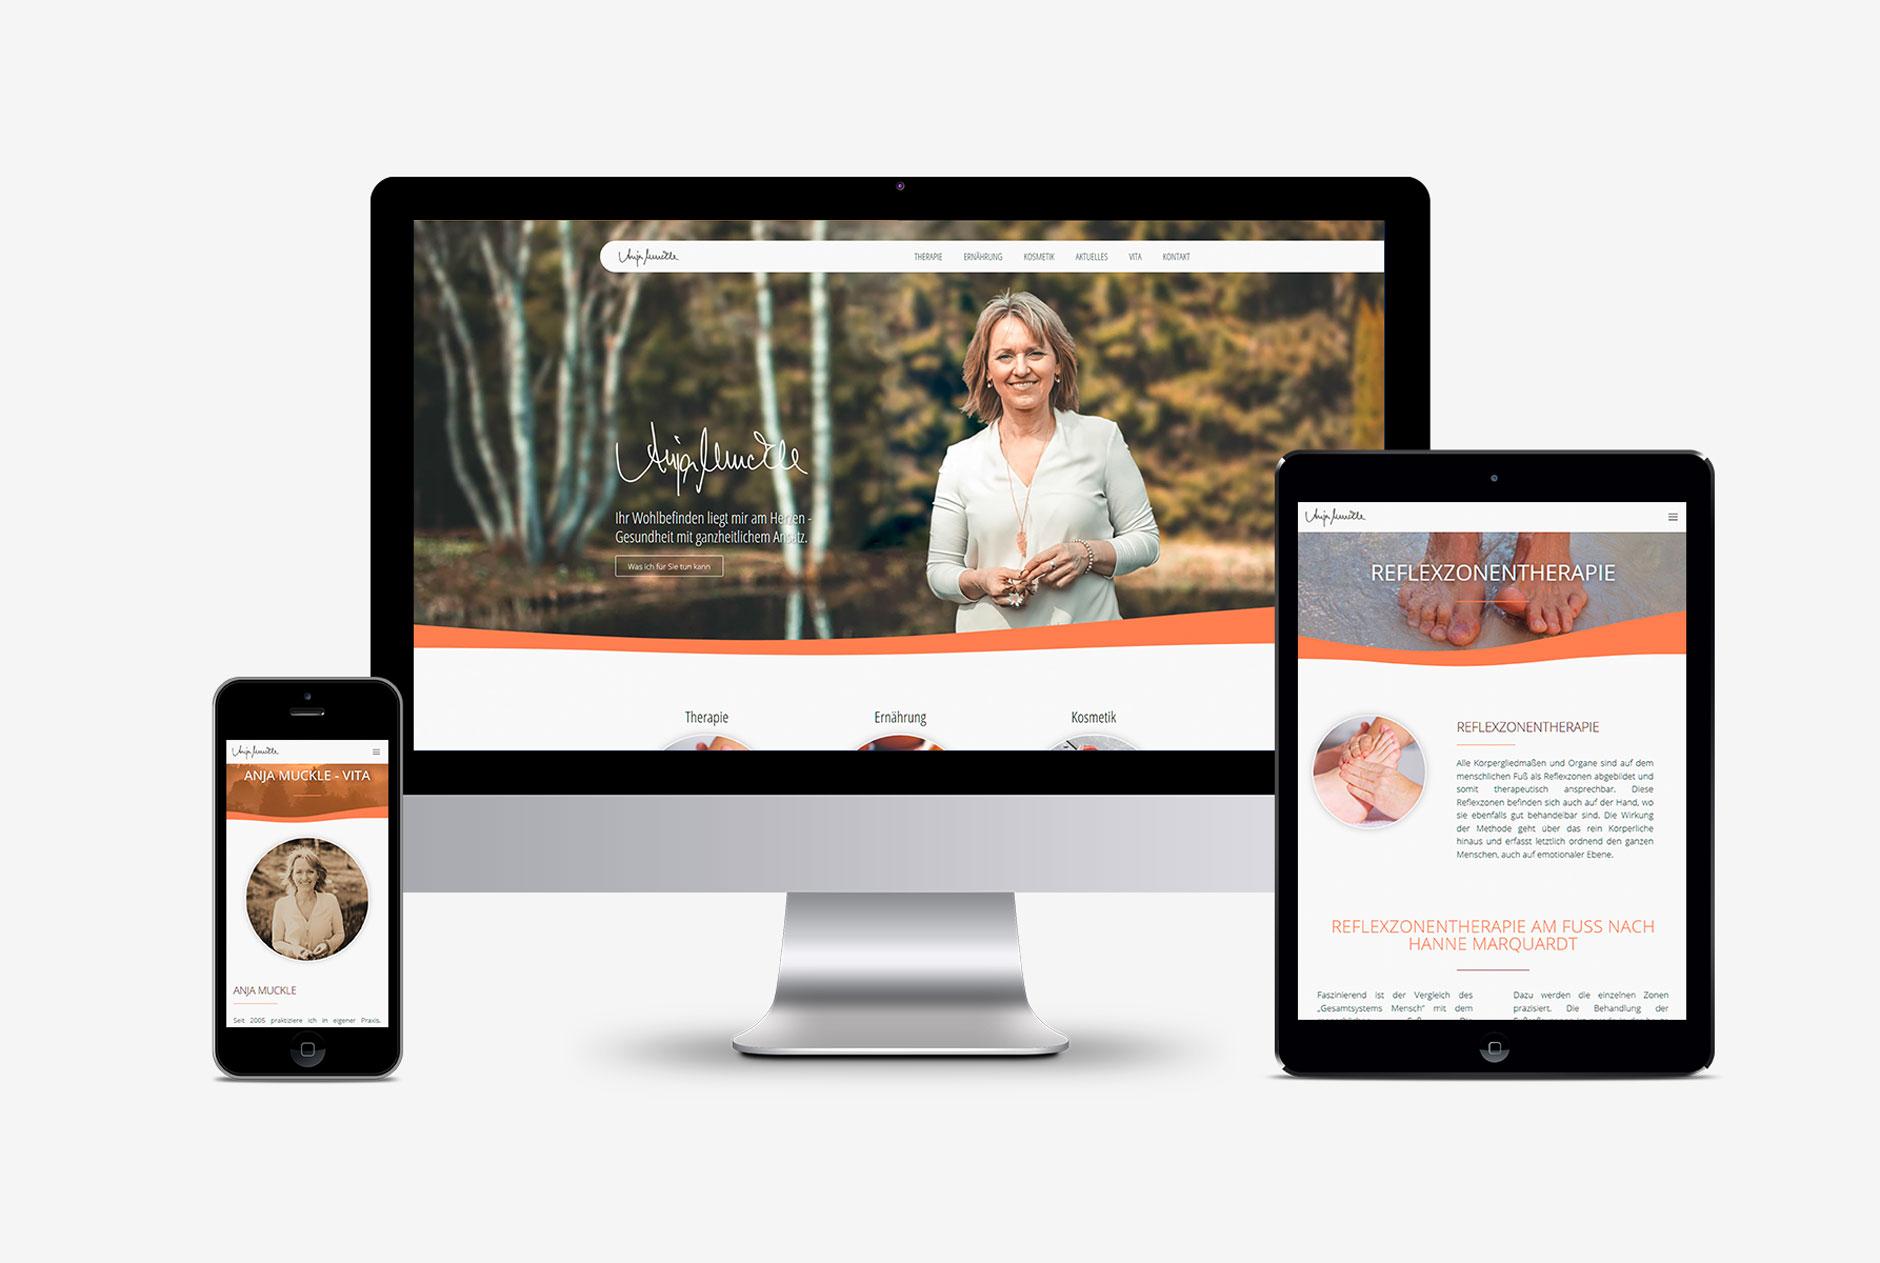 anja muckle homepagegestaltung wordpress-Webdesign Homepage Anja Muckle